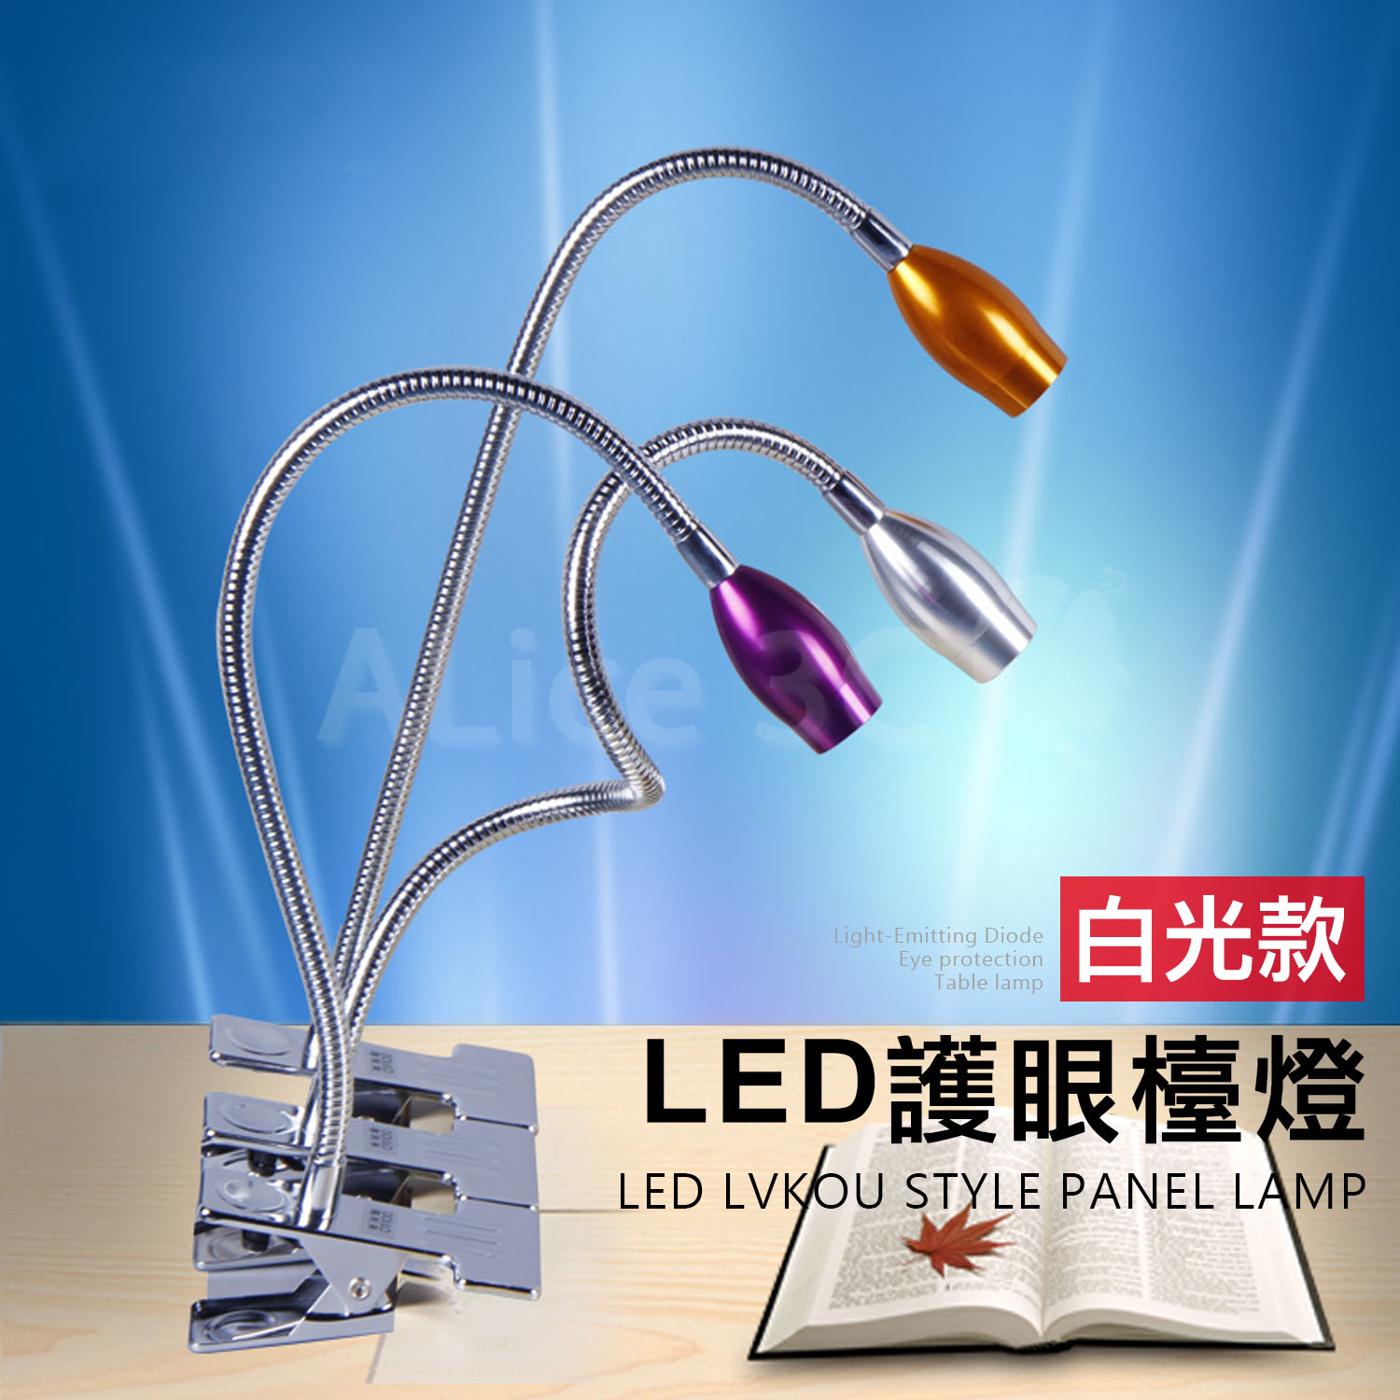 LED夾式護眼檯燈鬱金香款E1-011白光檯燈LED燈泡立燈小夜燈夾式省電